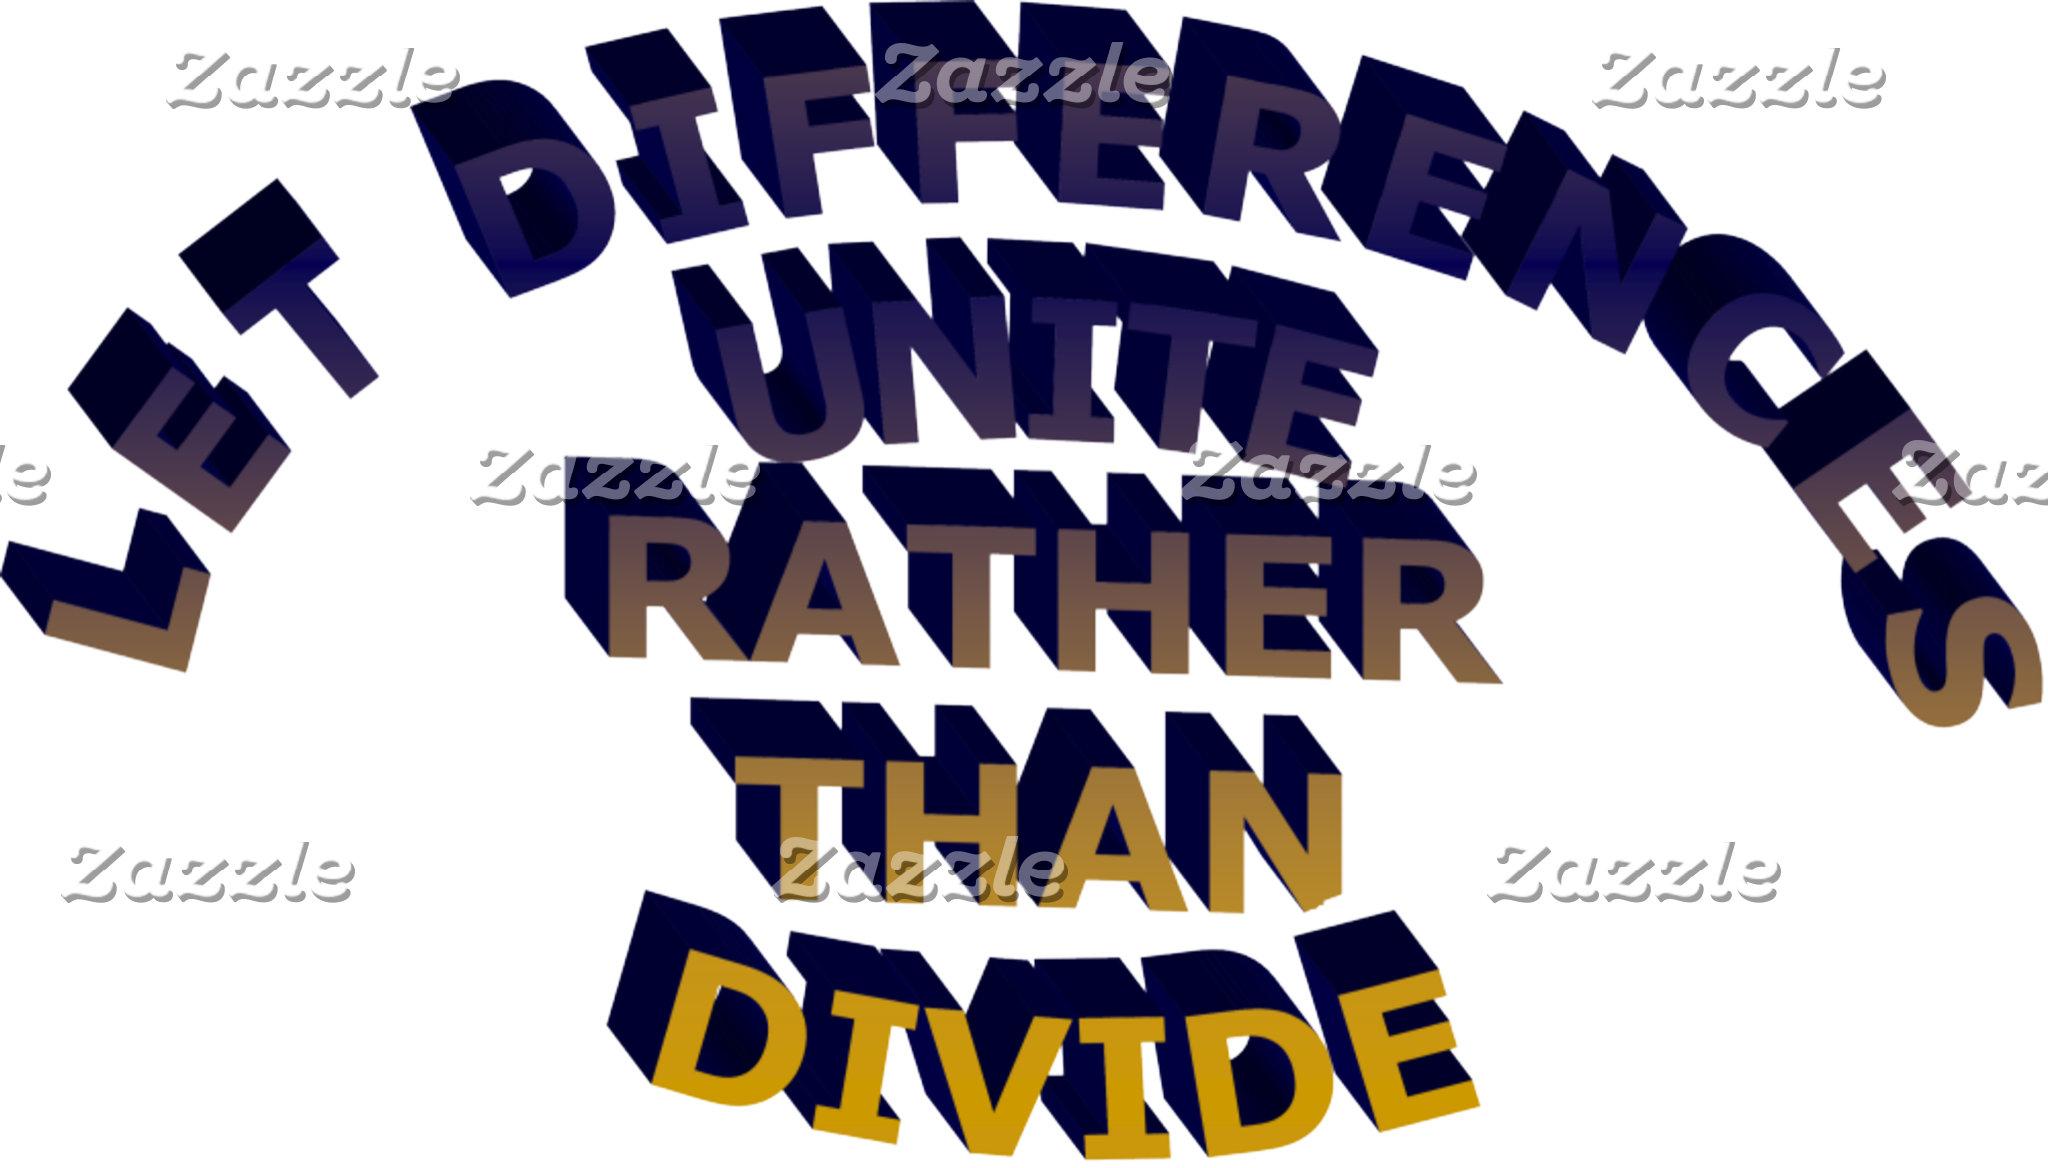 Let Differences Unite